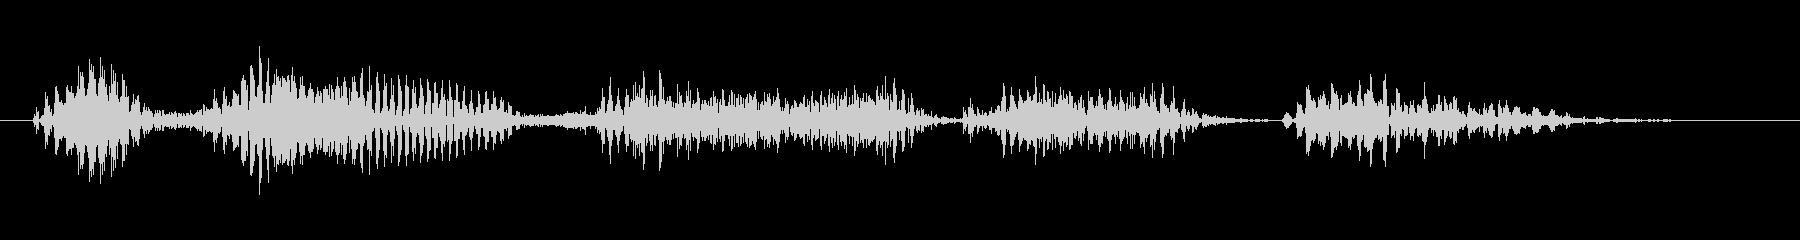 エイリアンの声:最終的なカウントダ...の未再生の波形